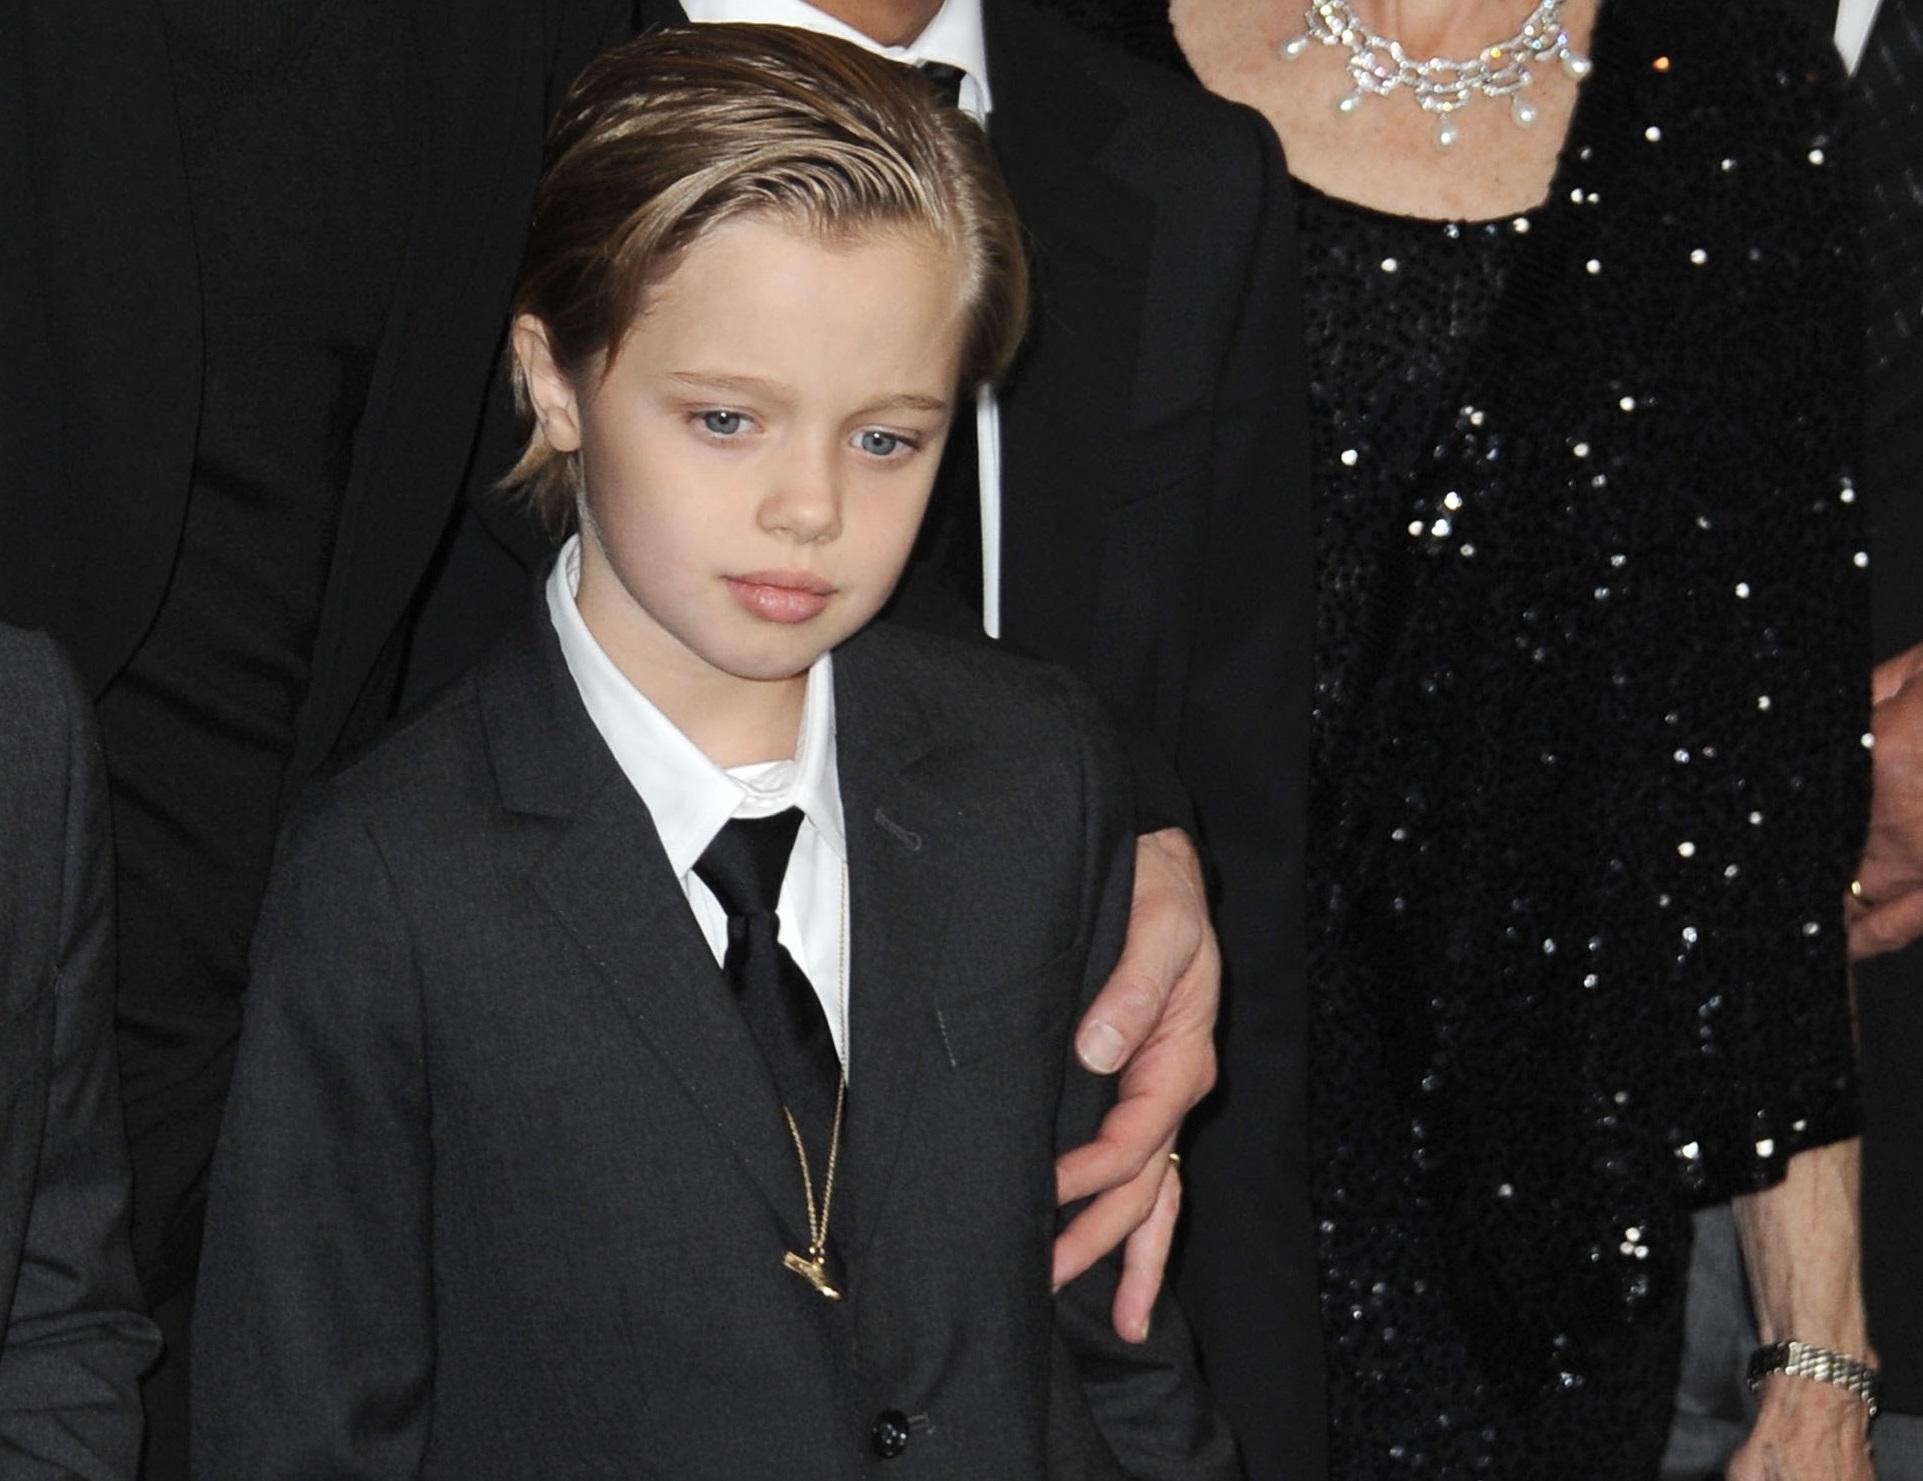 Ни Джоли, ни Питт не запрещали ребёнку самостоятельно выбирать свой пол и жить так, как хочется. Сам